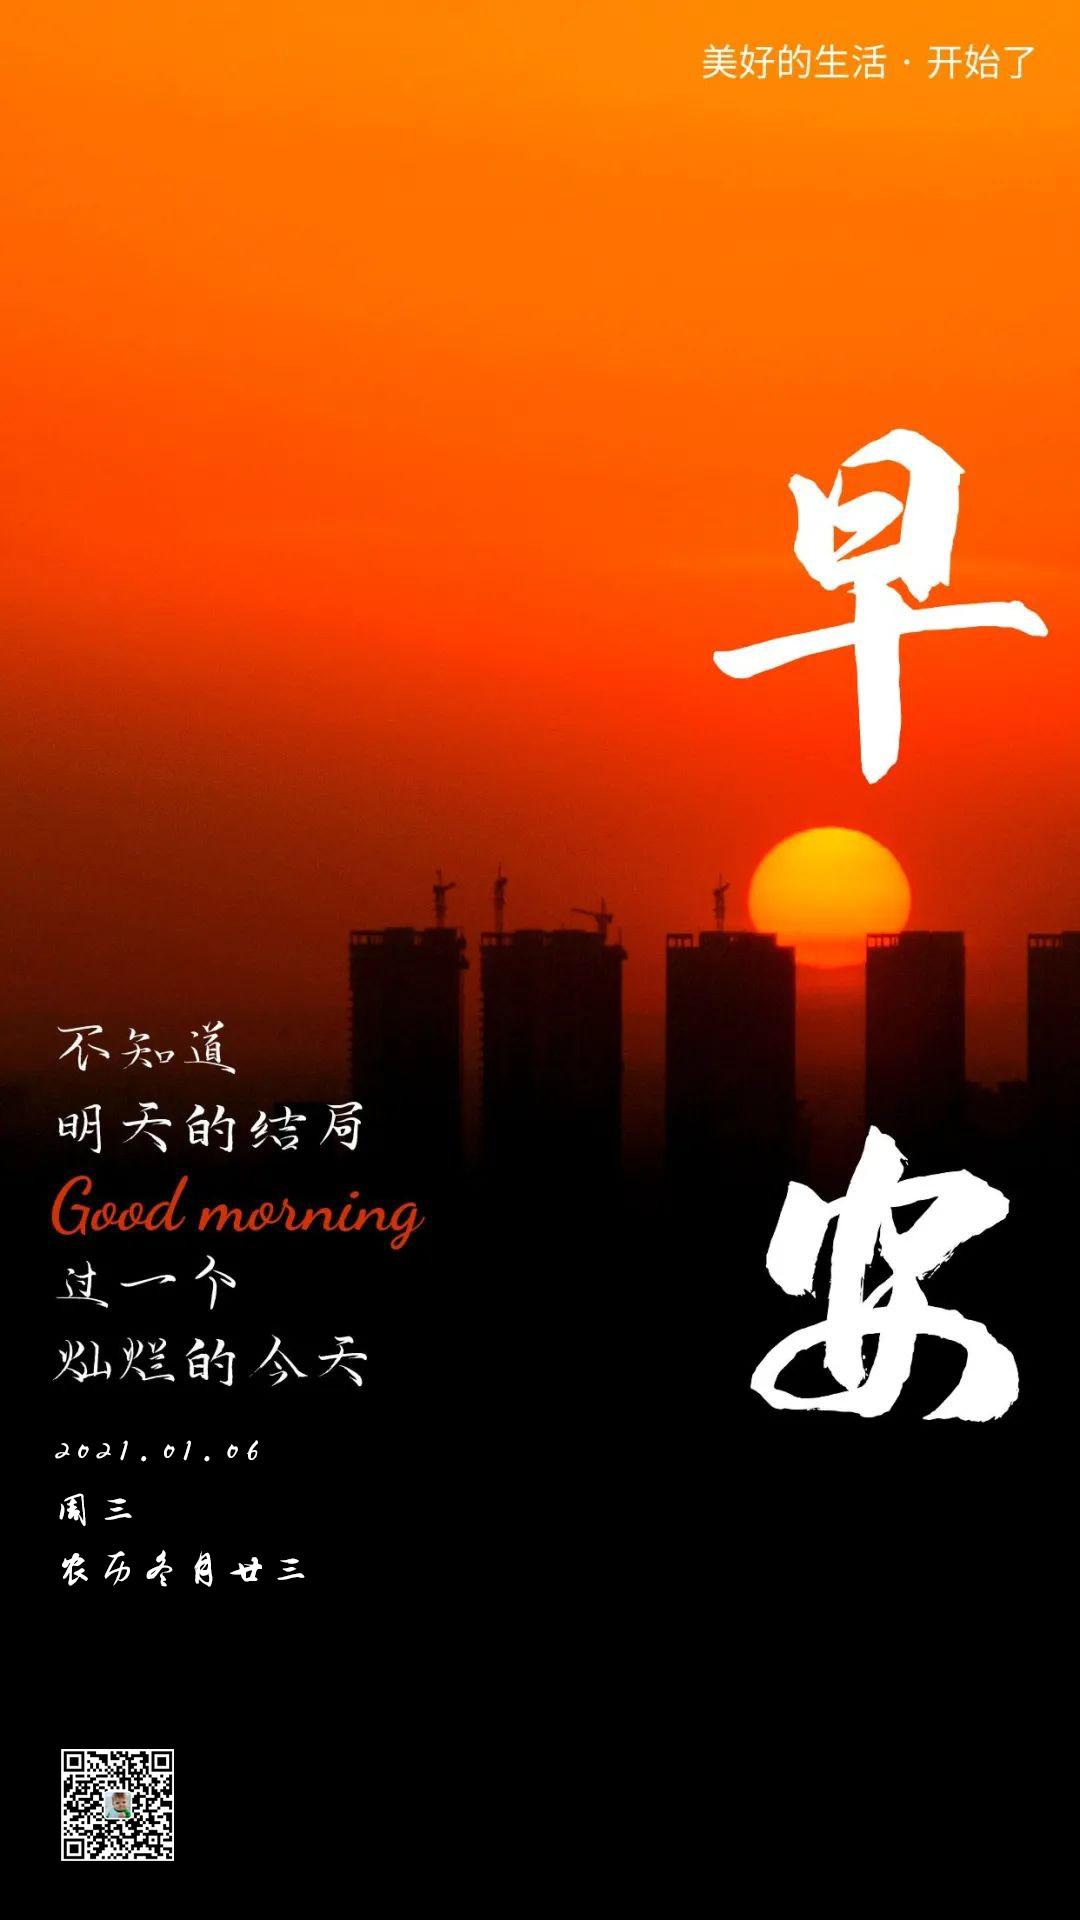 励志阳光早安日签图片加字,冬日正能量加油语录